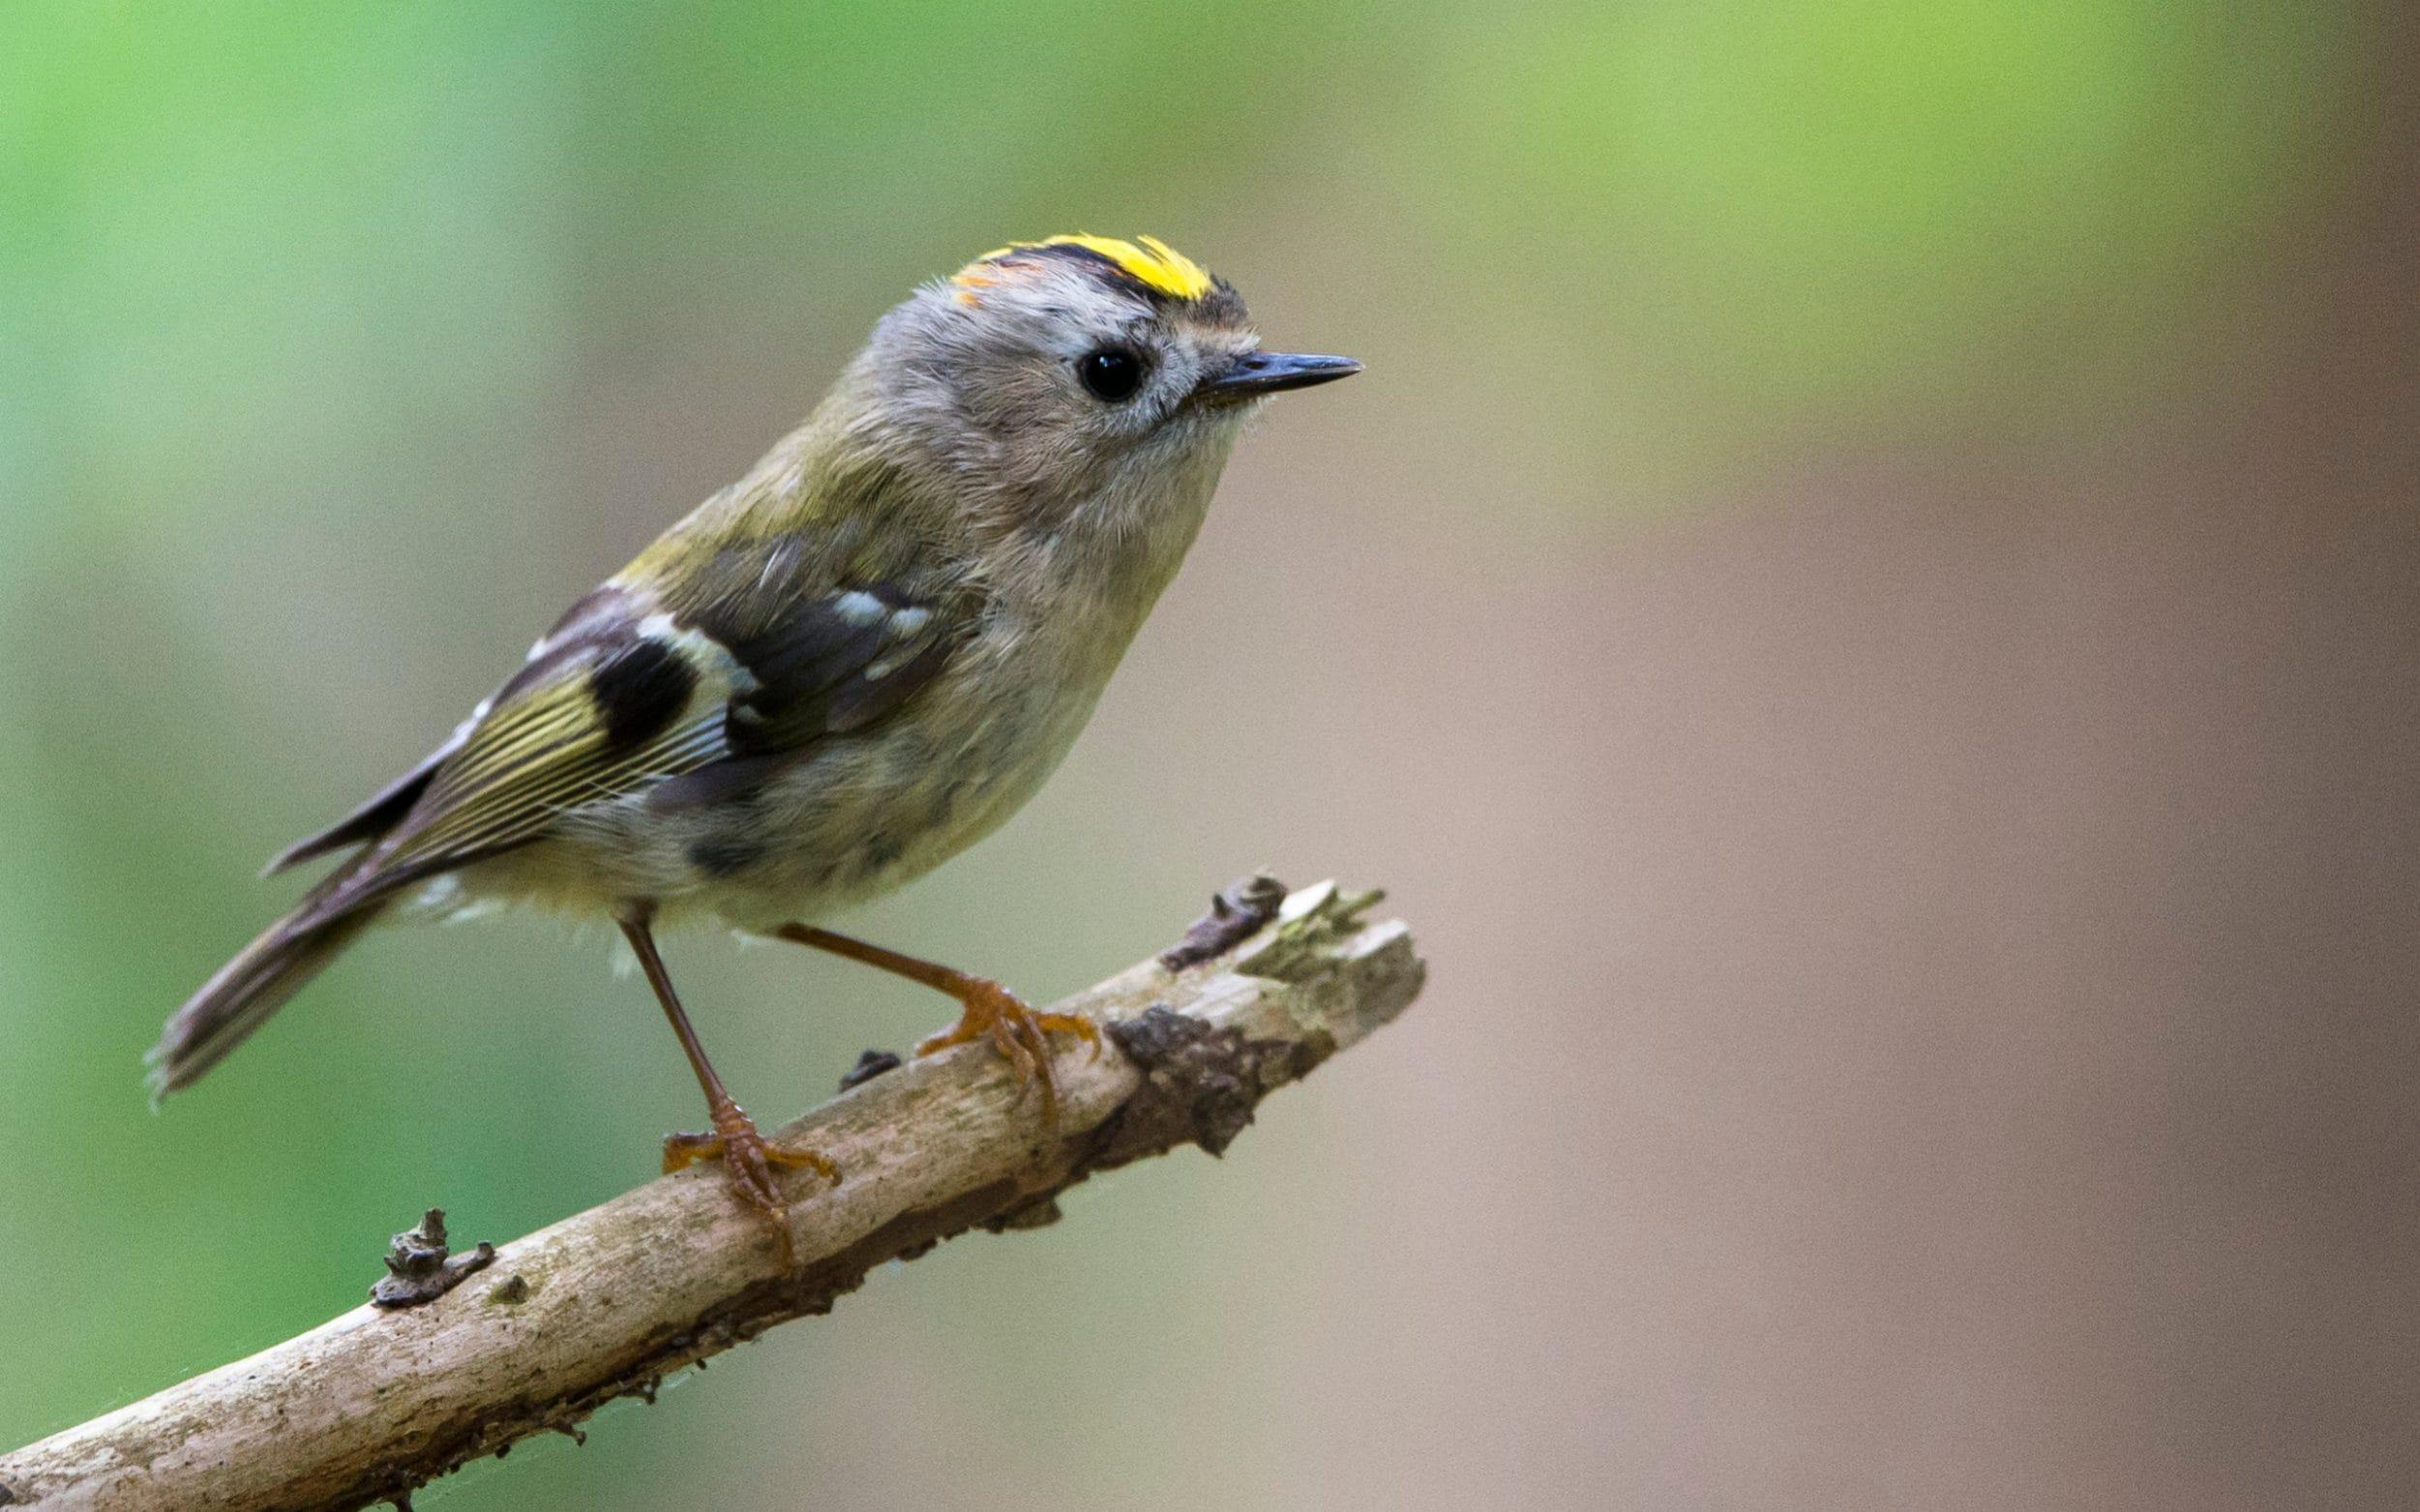 هوای پاکتر زندگی میلیونها پرنده را نجات میدهد